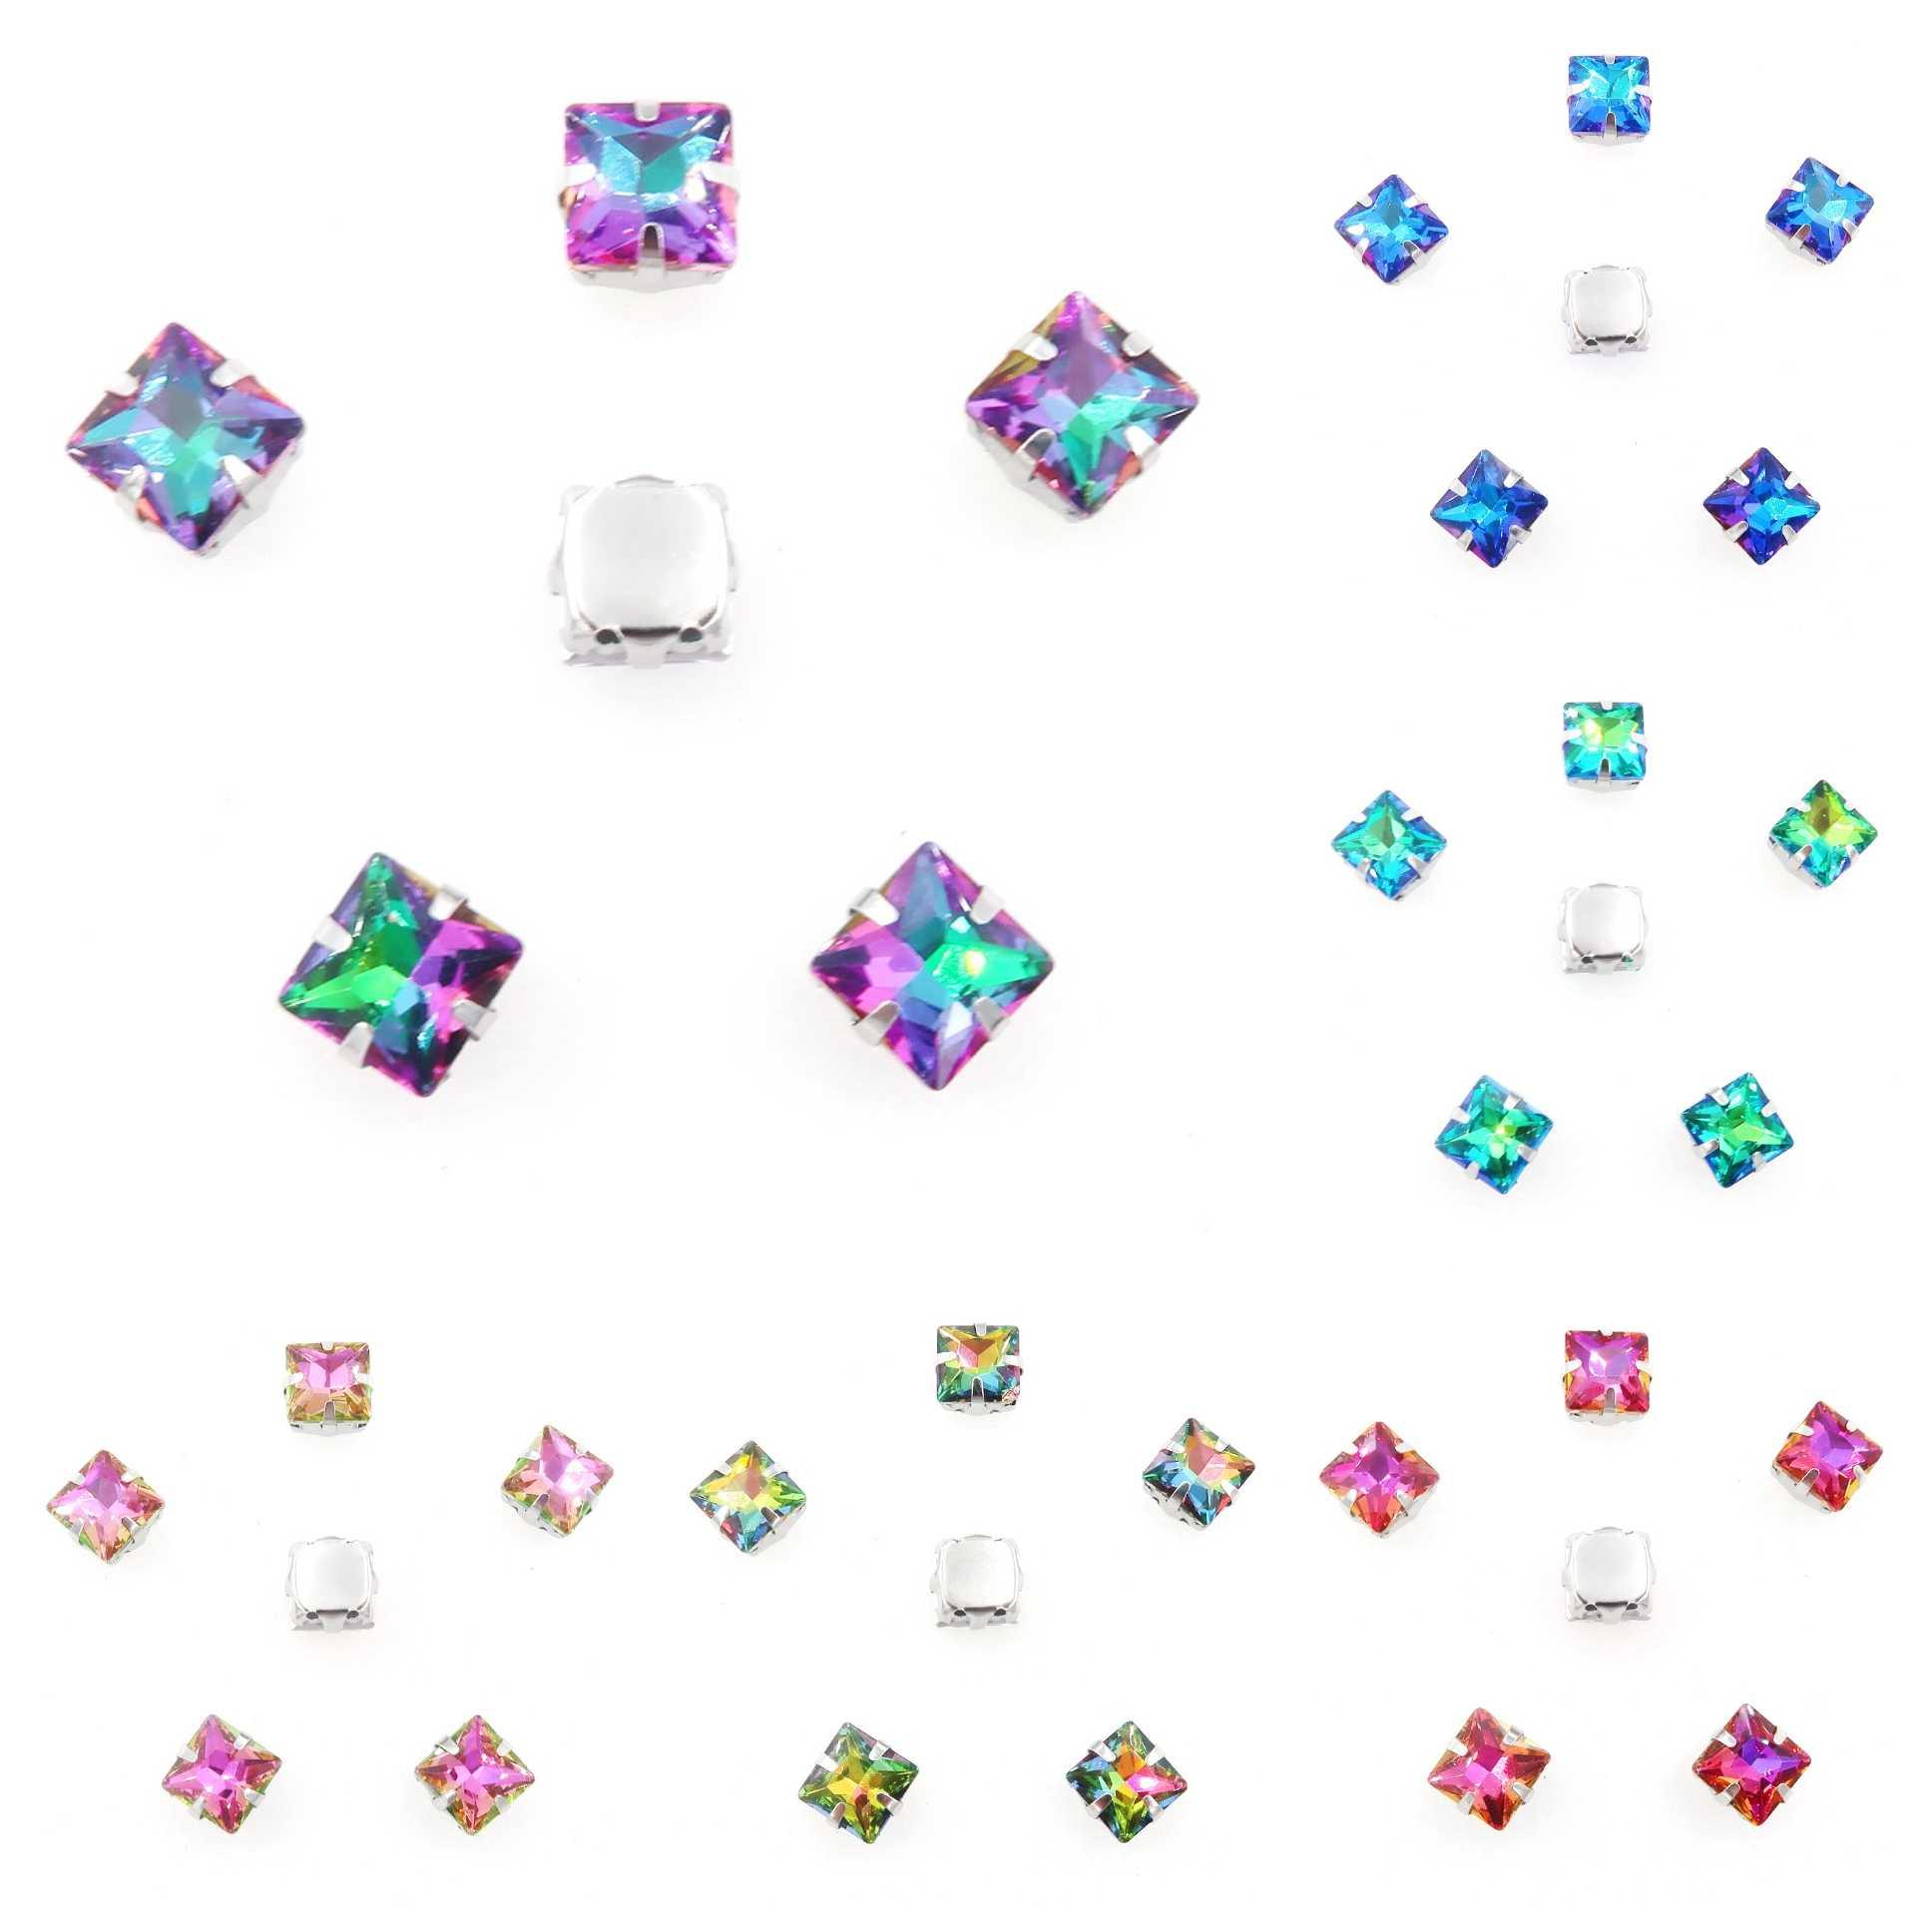 Cristal cristal montura de garra de plata 8mm 10mm 12mm Colores de lujo forma cuadrada coser cuentas de diamantes de imitación ropa zapatos y bolsos diy trim